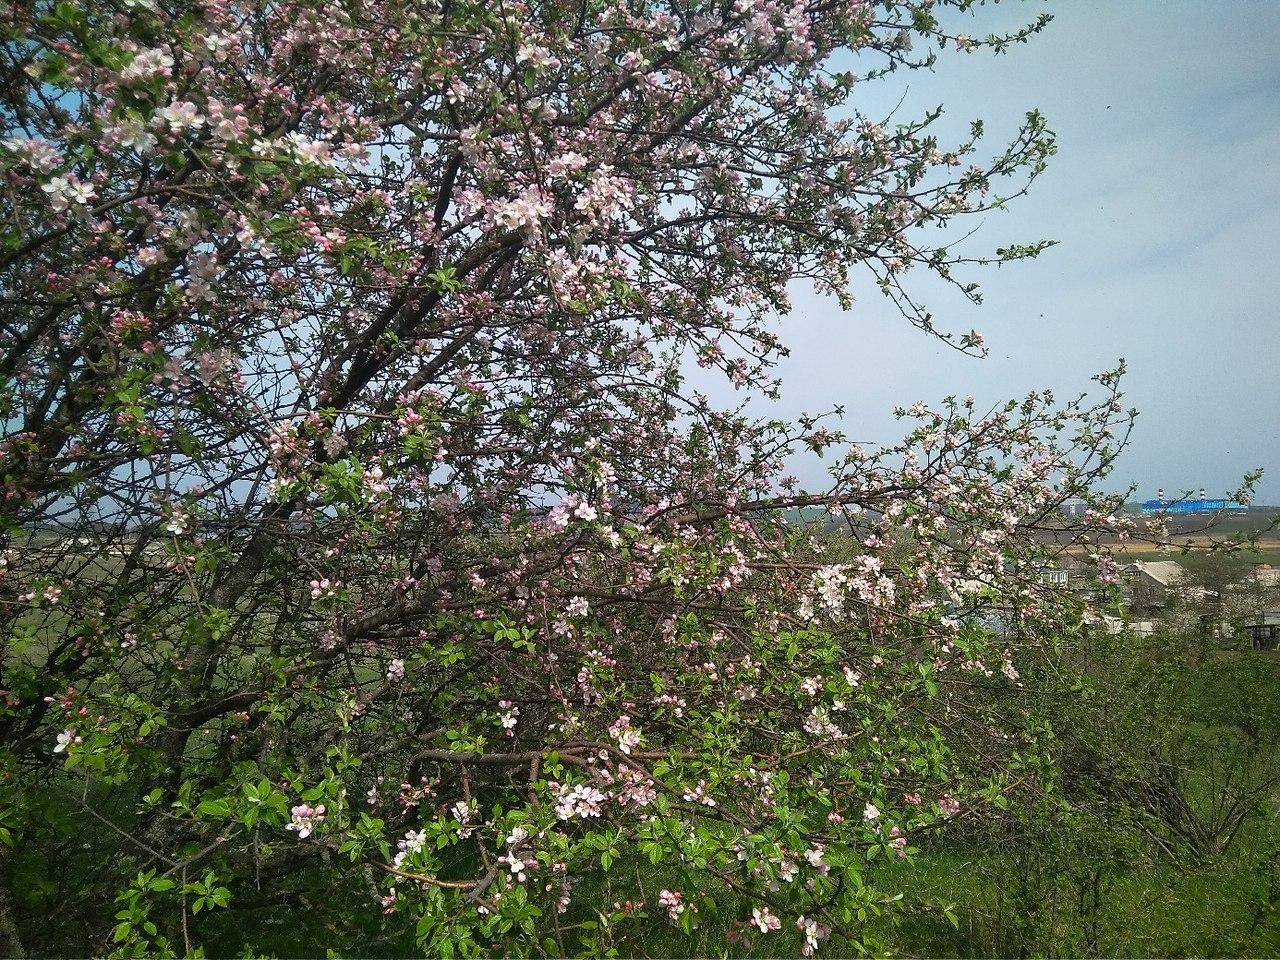 цветет дикая яблоня в долине Малого Салгира, к югу от Симферополя, Крым